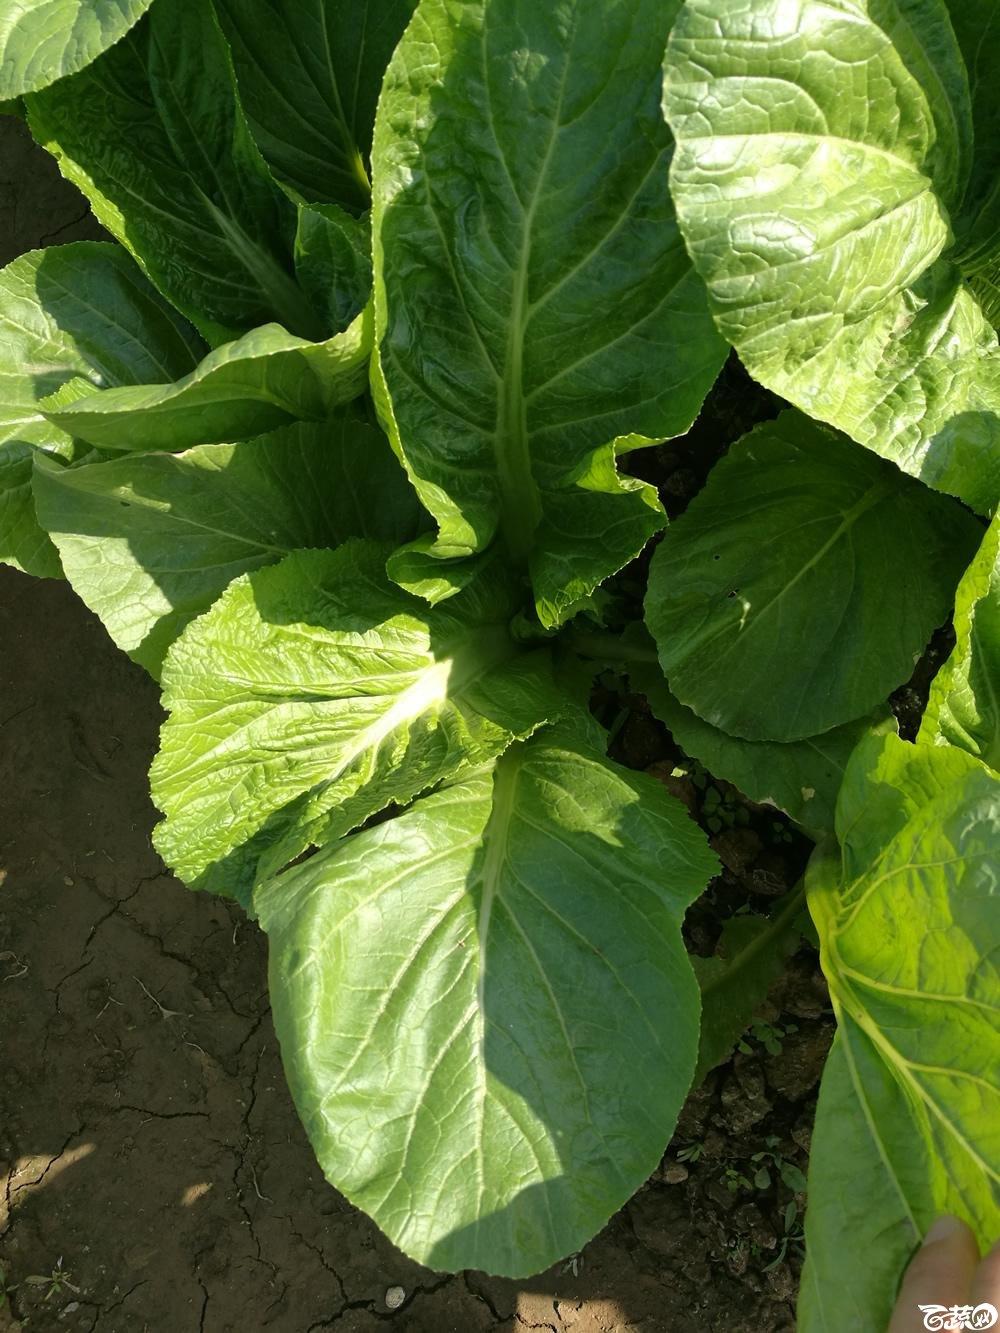 第十二届广州蔬菜展示会专家重点推荐品种,广州市农科院特选客家芥_004.jpg